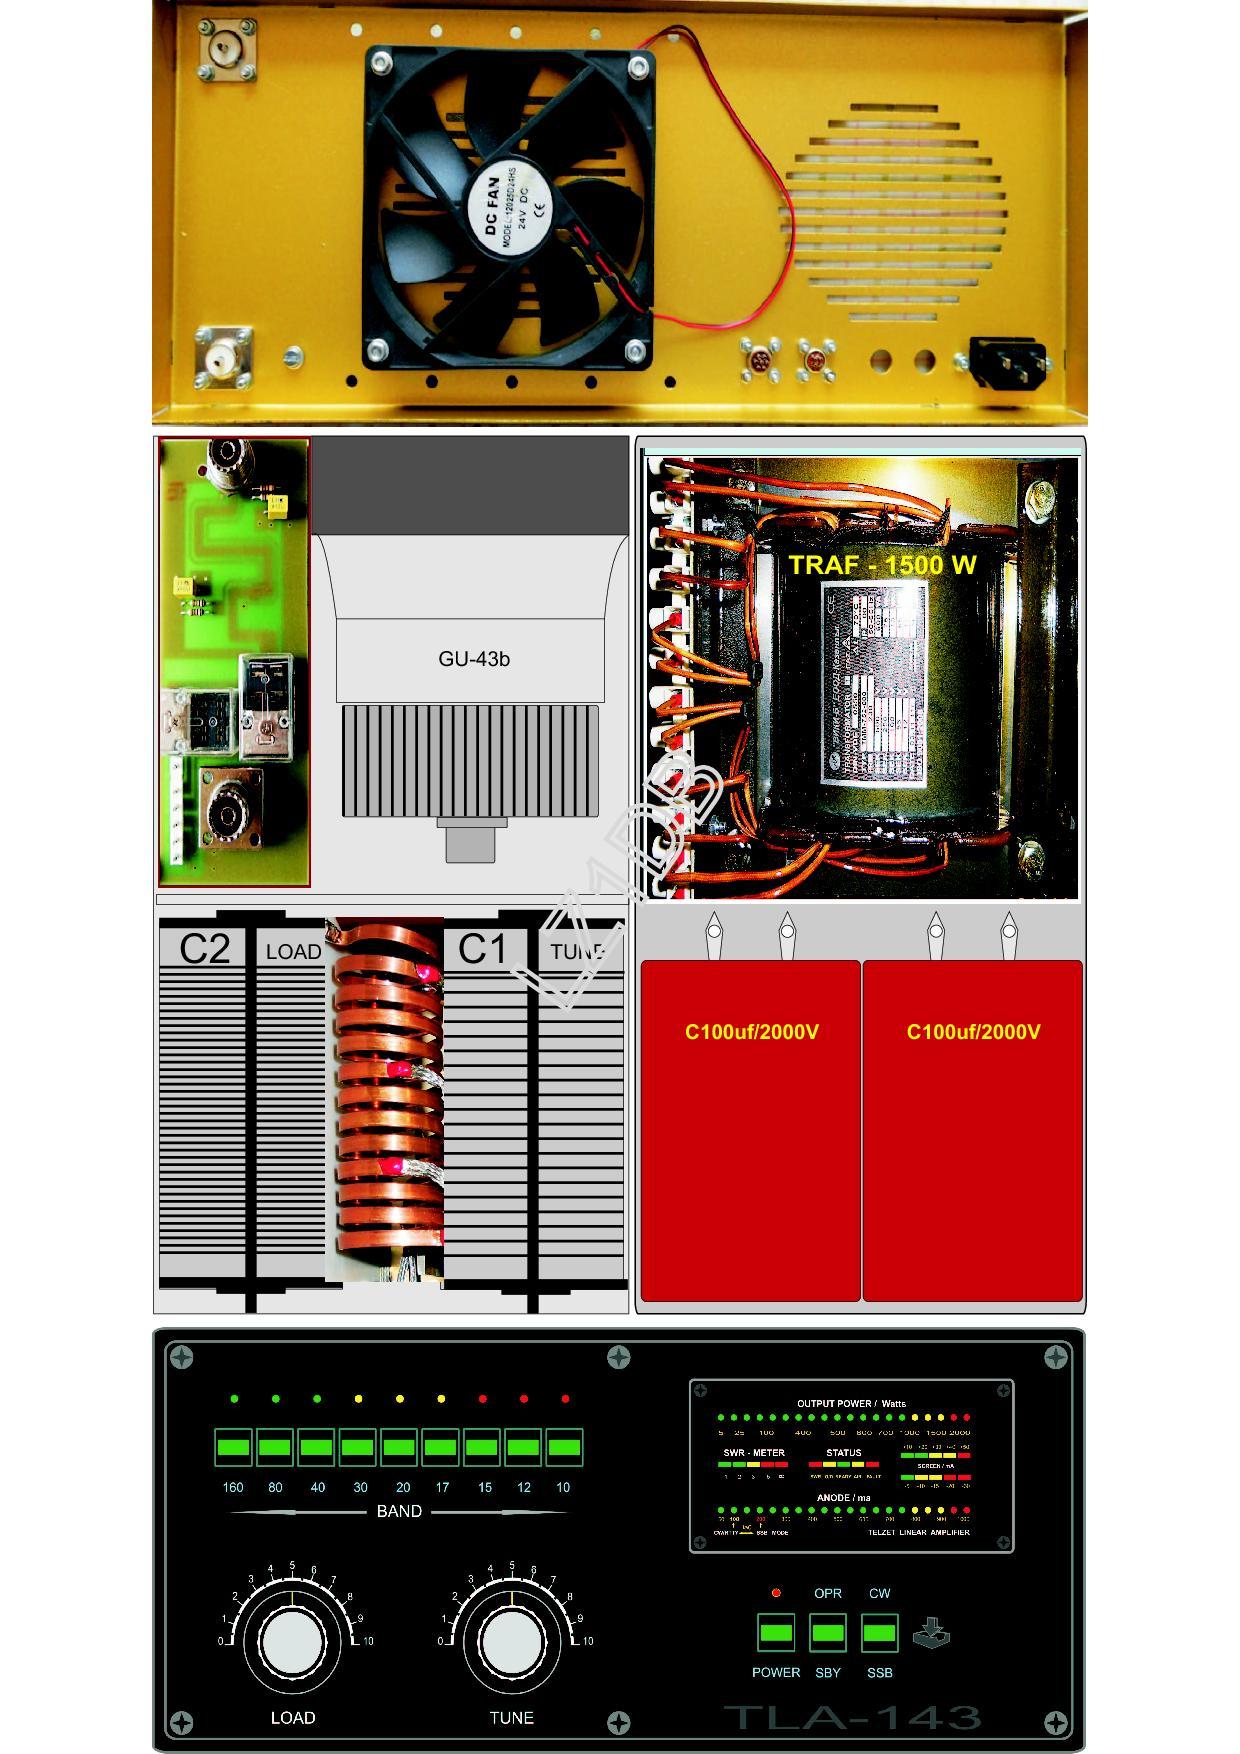 Amplificateur radioamateur HF - Prix bas attractif - Très bonne réalisation Tla143